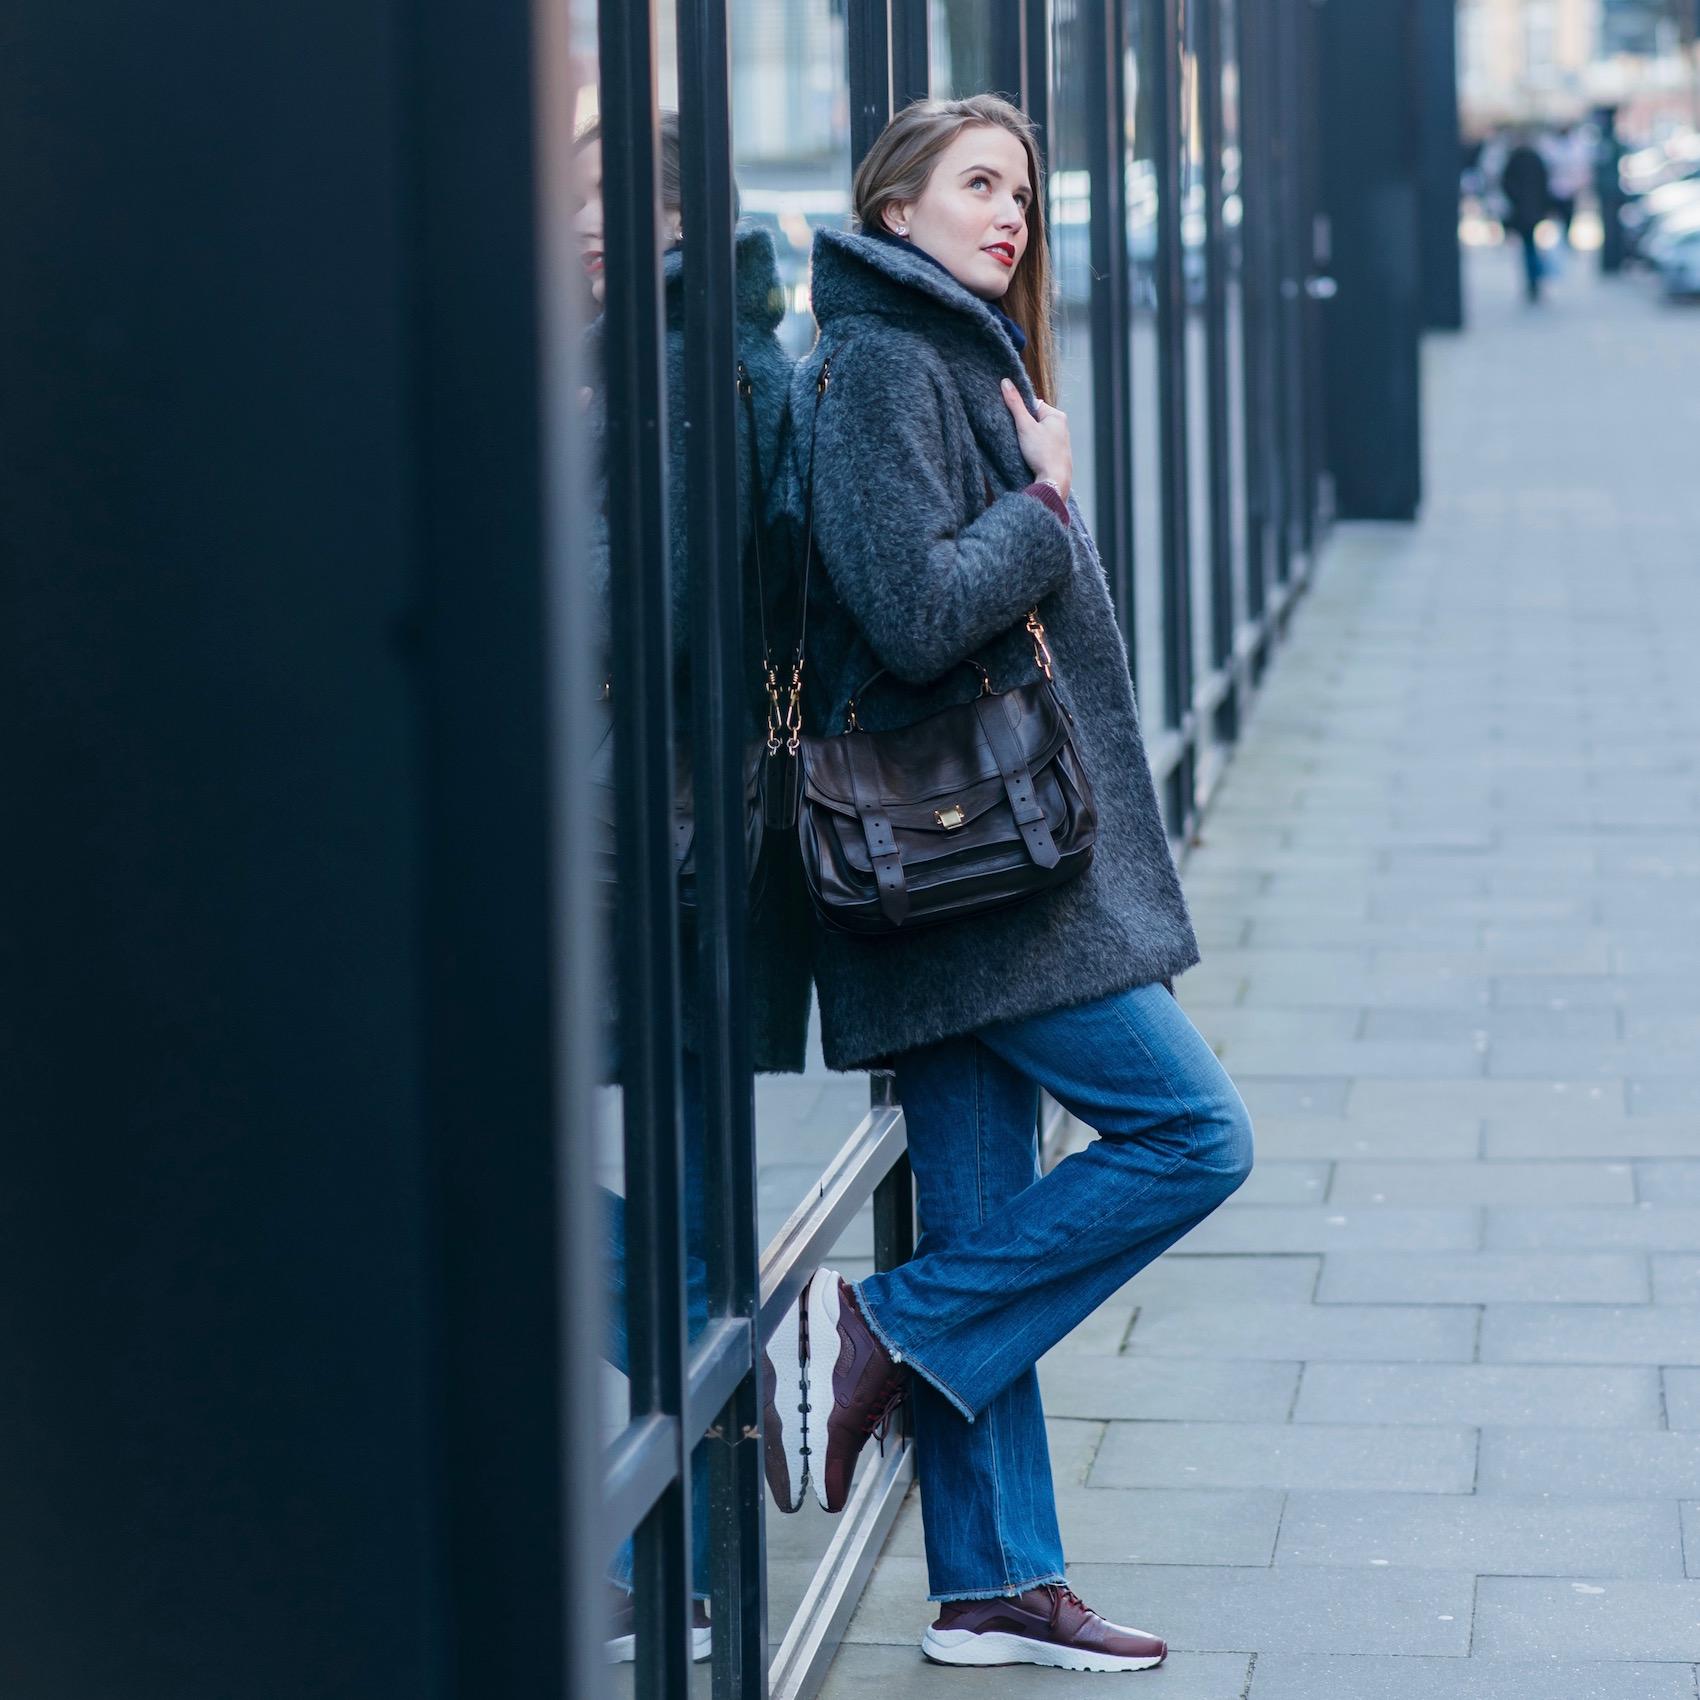 schlaghose und sneaker im winter kombinieren suelovesnyc_susan_fengler_hamburg_schlaghose_und_sneaker_im_winter_kombinieren_citizensofhumanity_Parker_jeans_nike